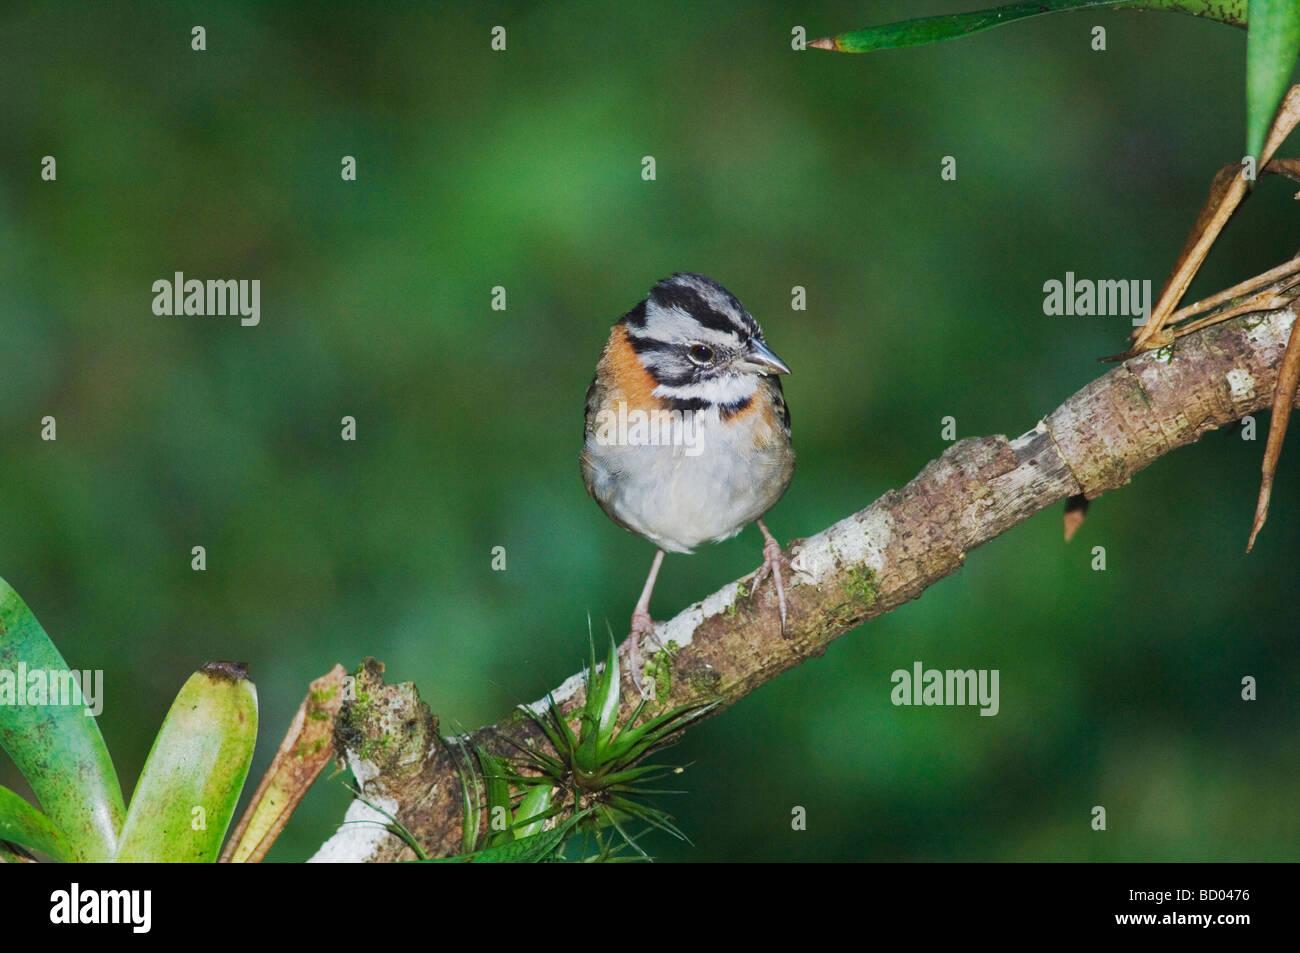 Rufous collared Sparrow Zonotrichia capensis adult perched Bosque de Paz Central Valley Costa Rica Central America Stock Photo